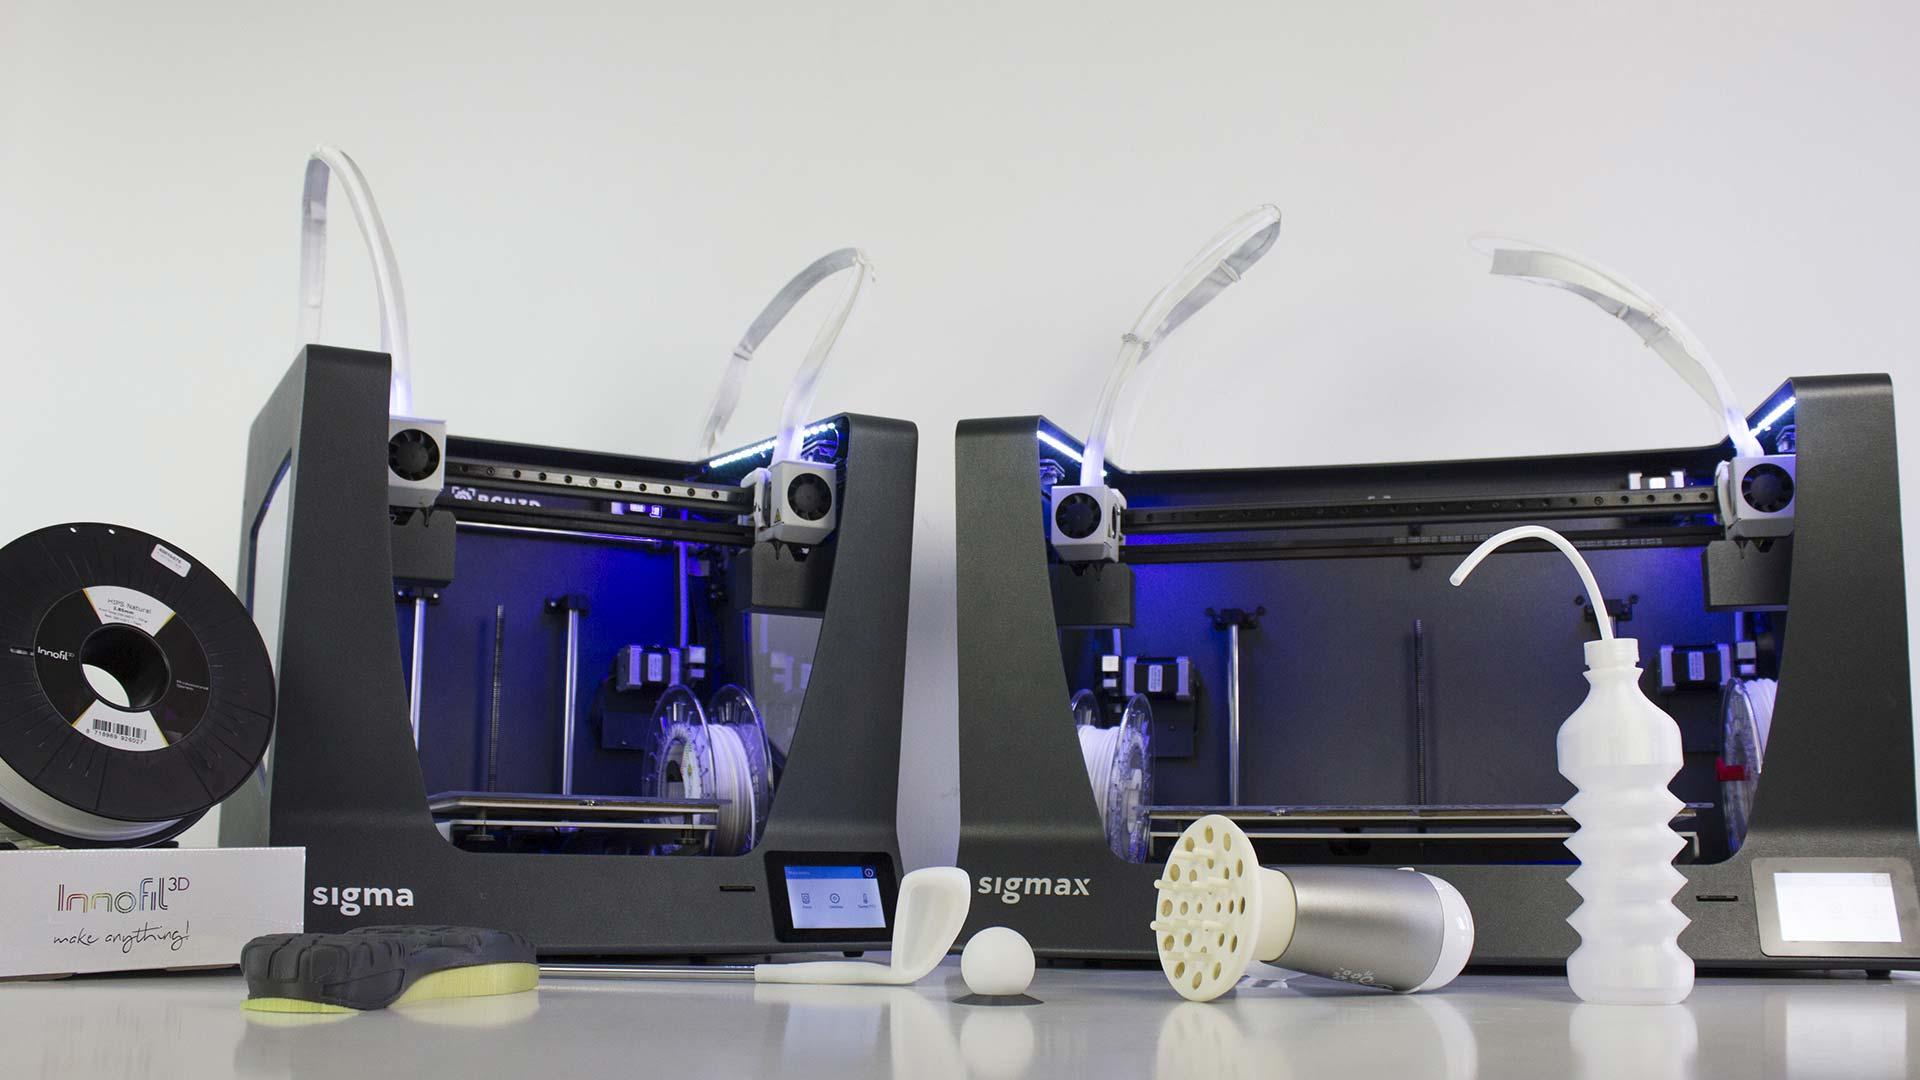 BCN3D publica los planos Open Source de impresoras Sigma R19 y SigmaX R19